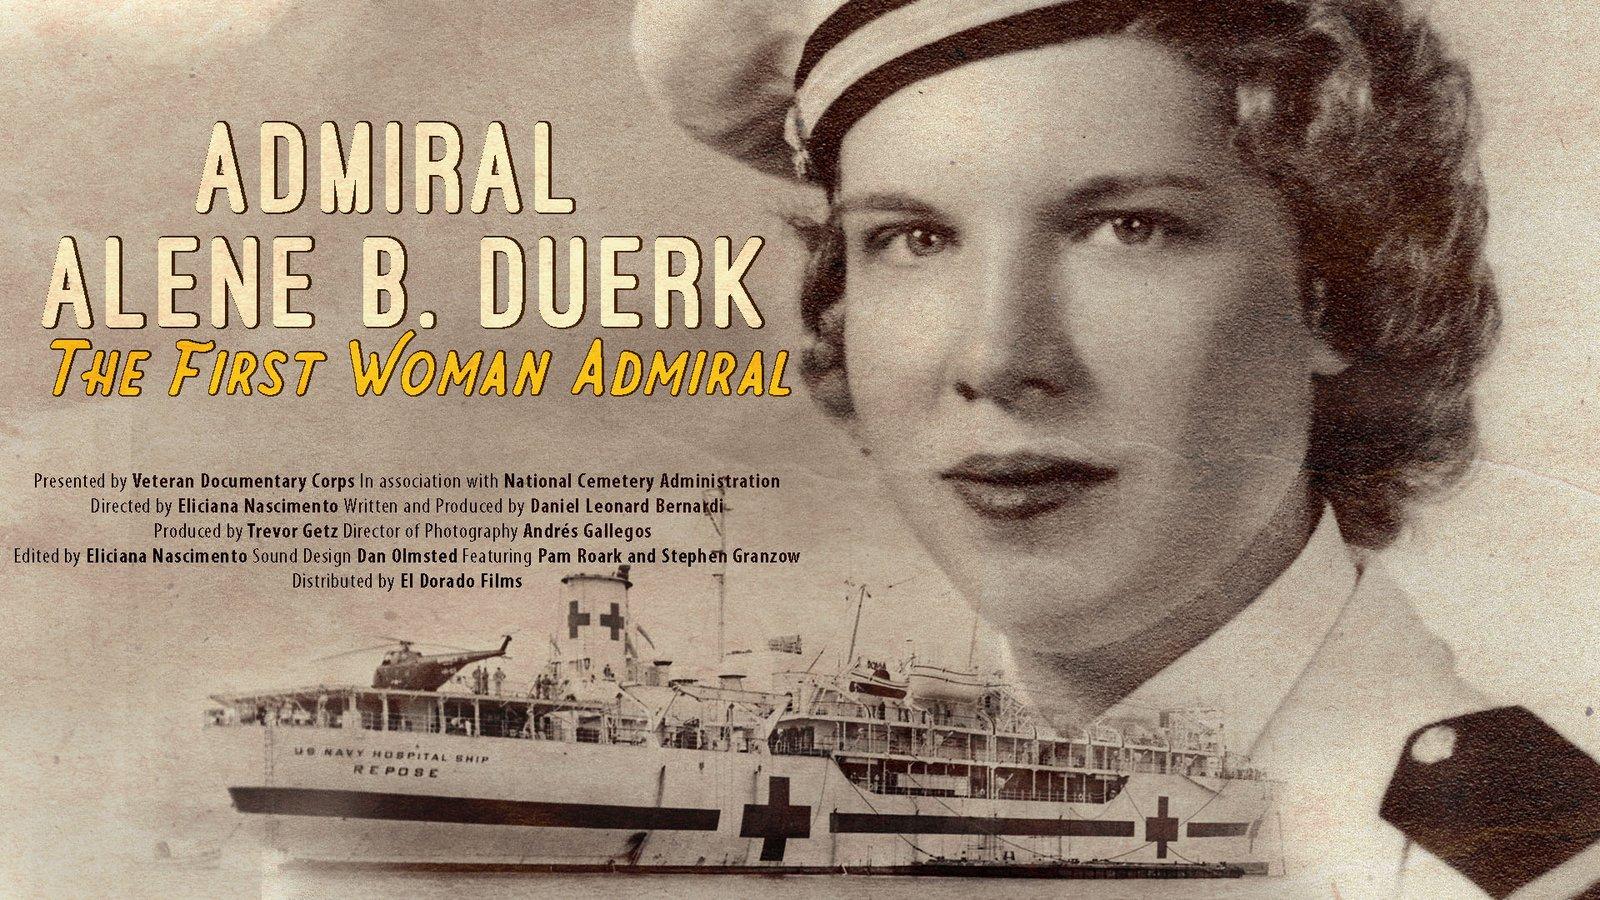 Alene B. Duerk: The First Woman Admiral